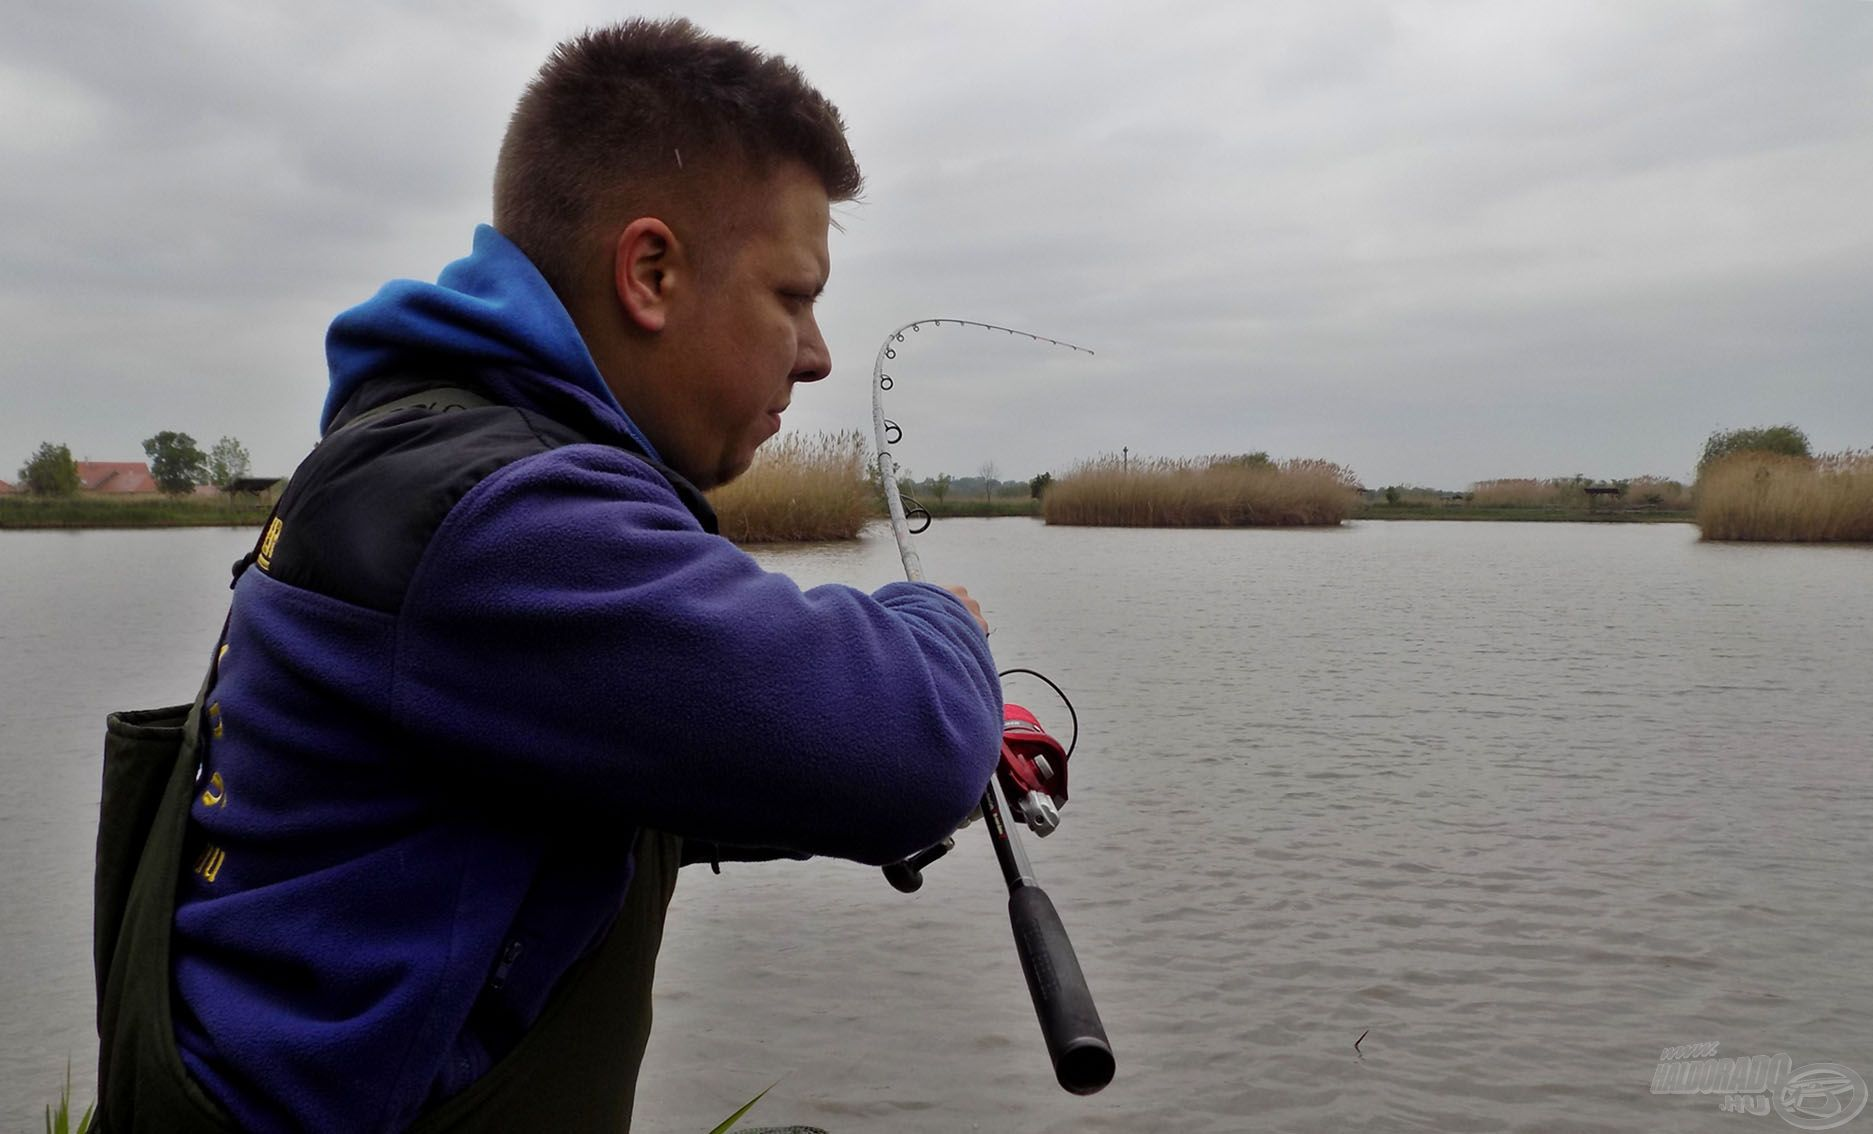 A Master Carp Pro feederbotokkal bármilyen nagyhalas vízterületen nyugodtan vehetjük fel a kesztyűt a legerősebb halakkal szemben is